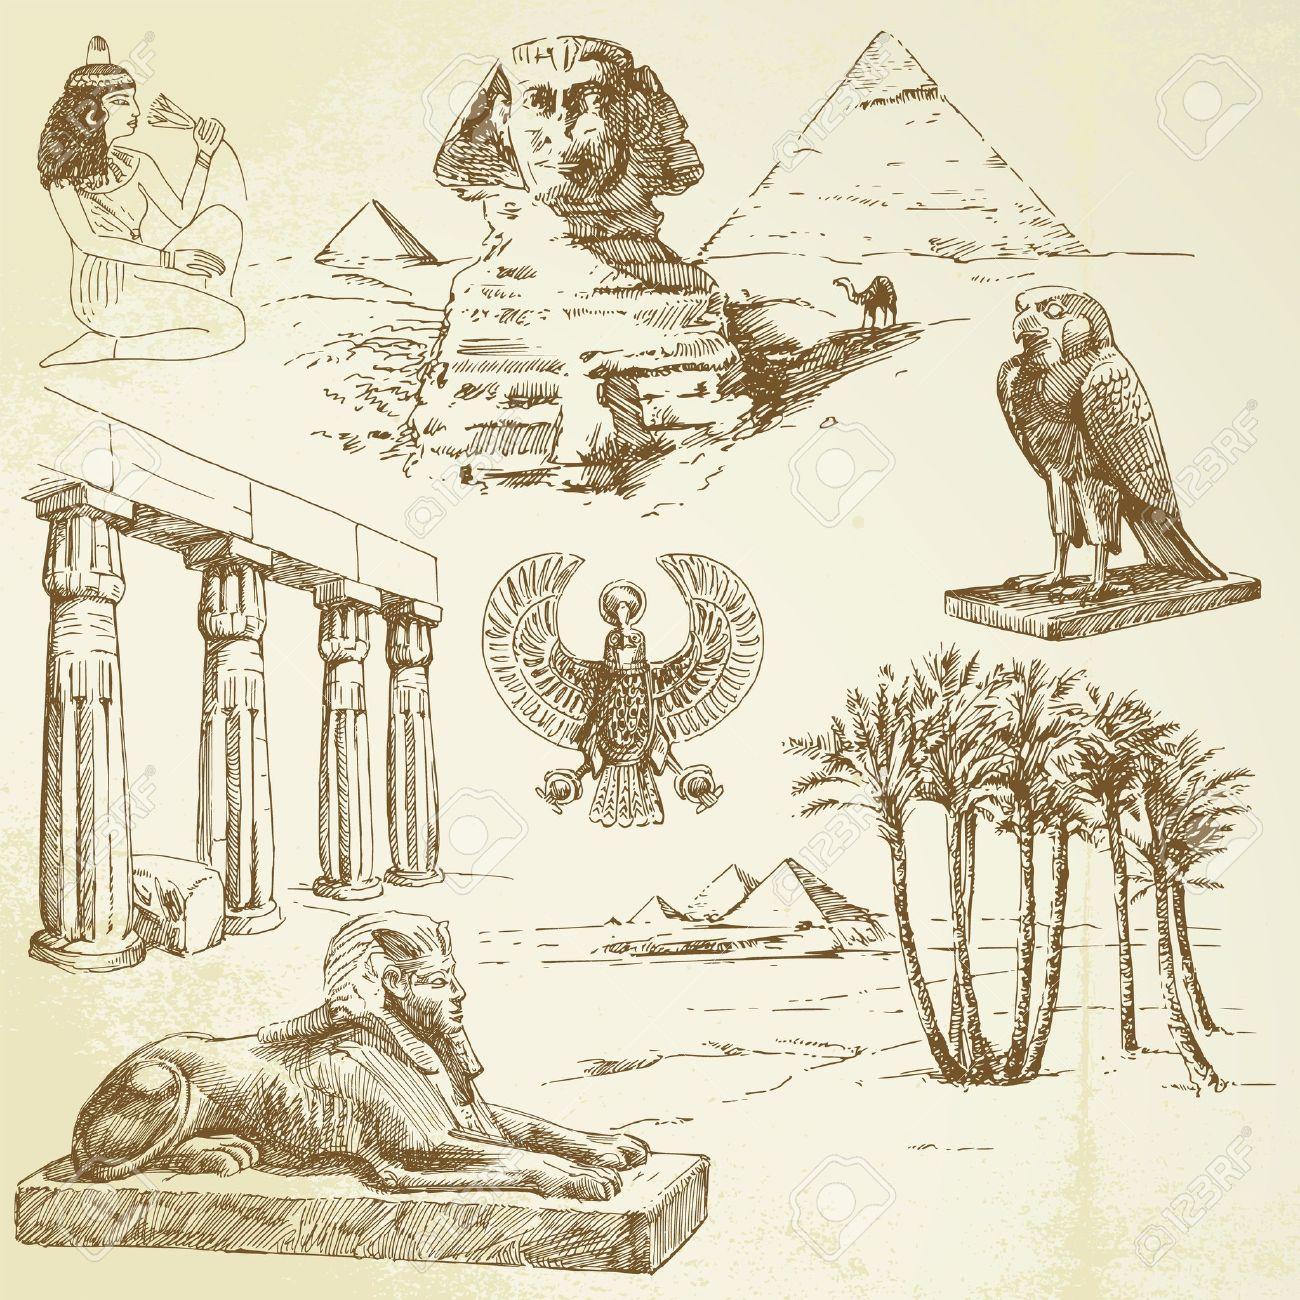 egypte dessin l Egypte ancienne dessiné  la main ensemble